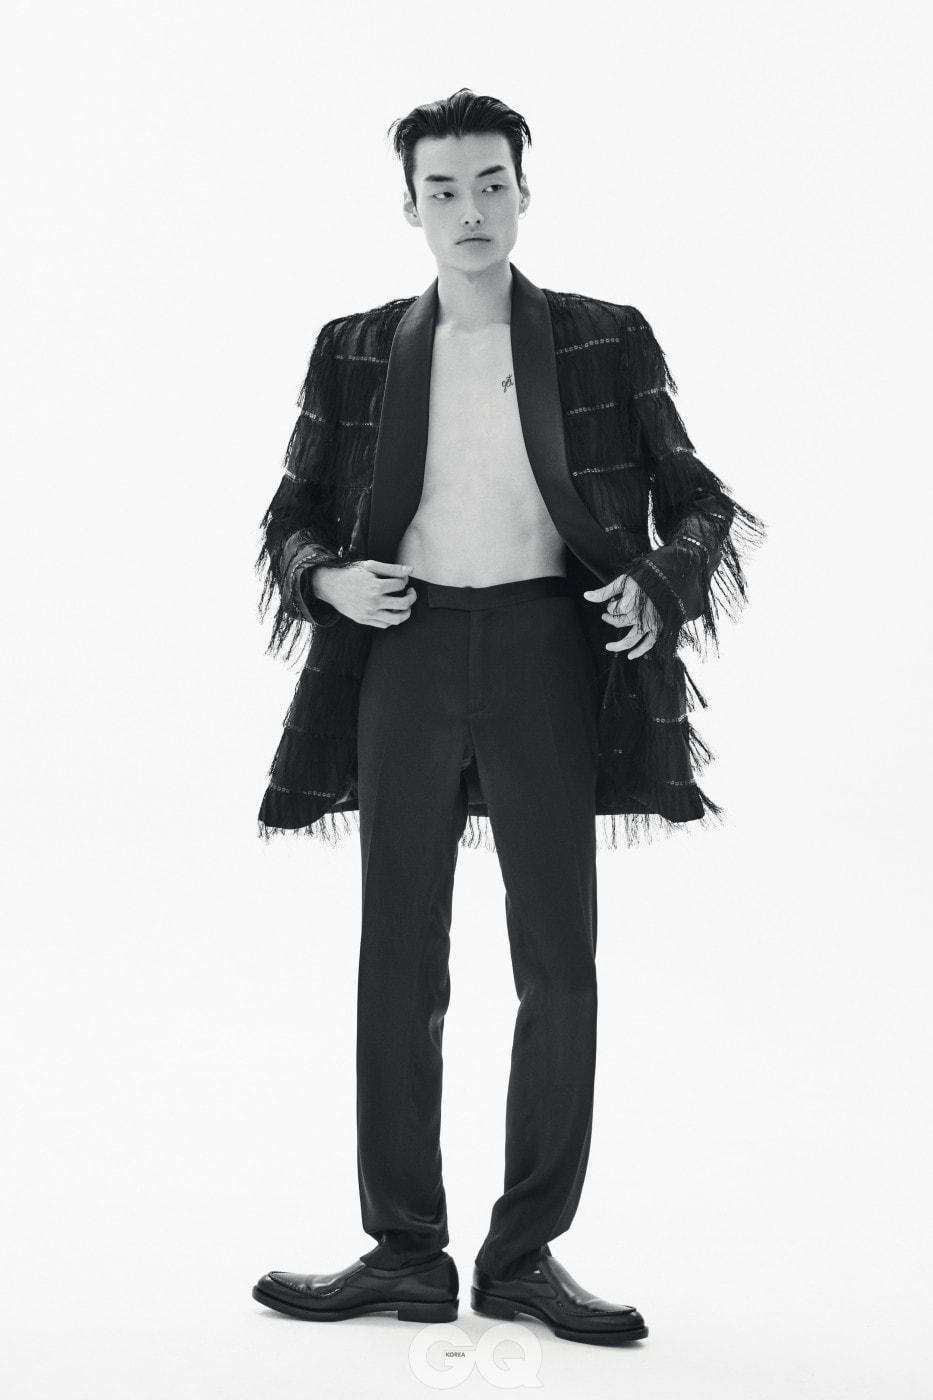 프린지 장식 턱시도 재킷, 블랙 팬츠 가격 미정, 모두 김서룡 옴므. 슬립온 가격 미정, 살바토레 페라가모.